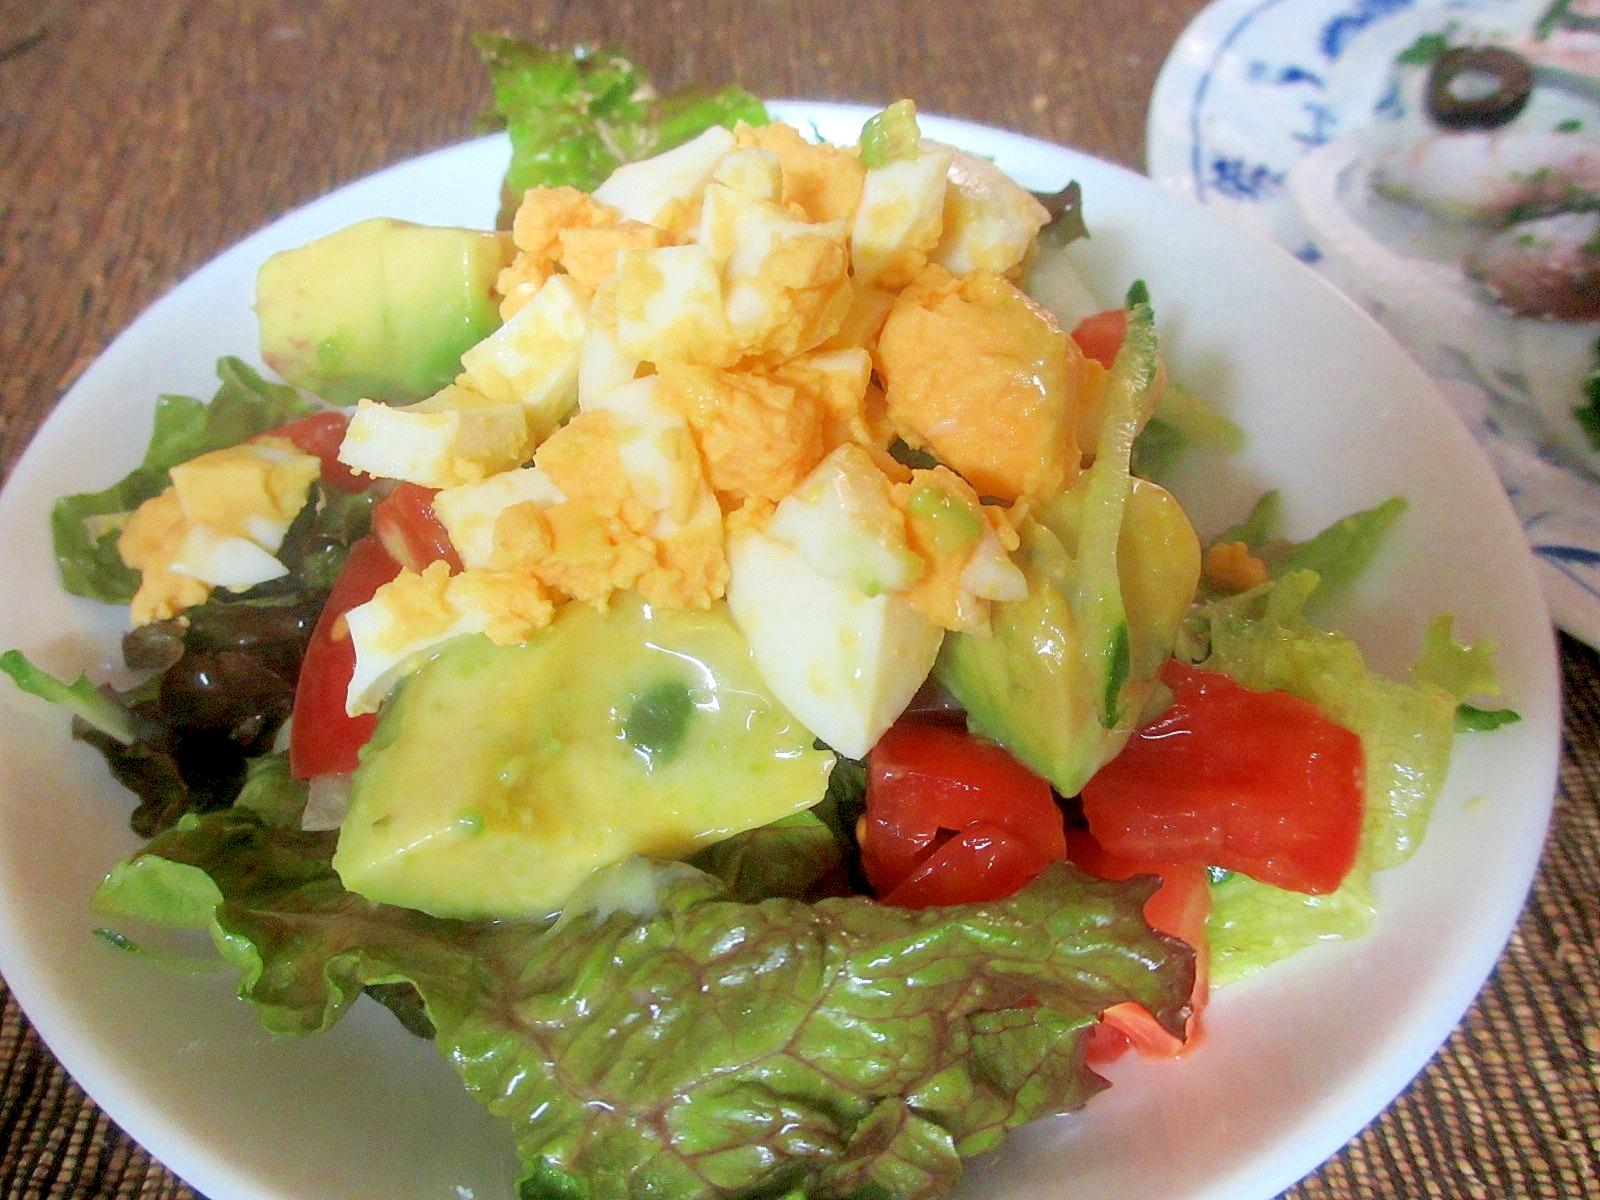 アボカド、トマト、ゆで卵のレタスサラダ